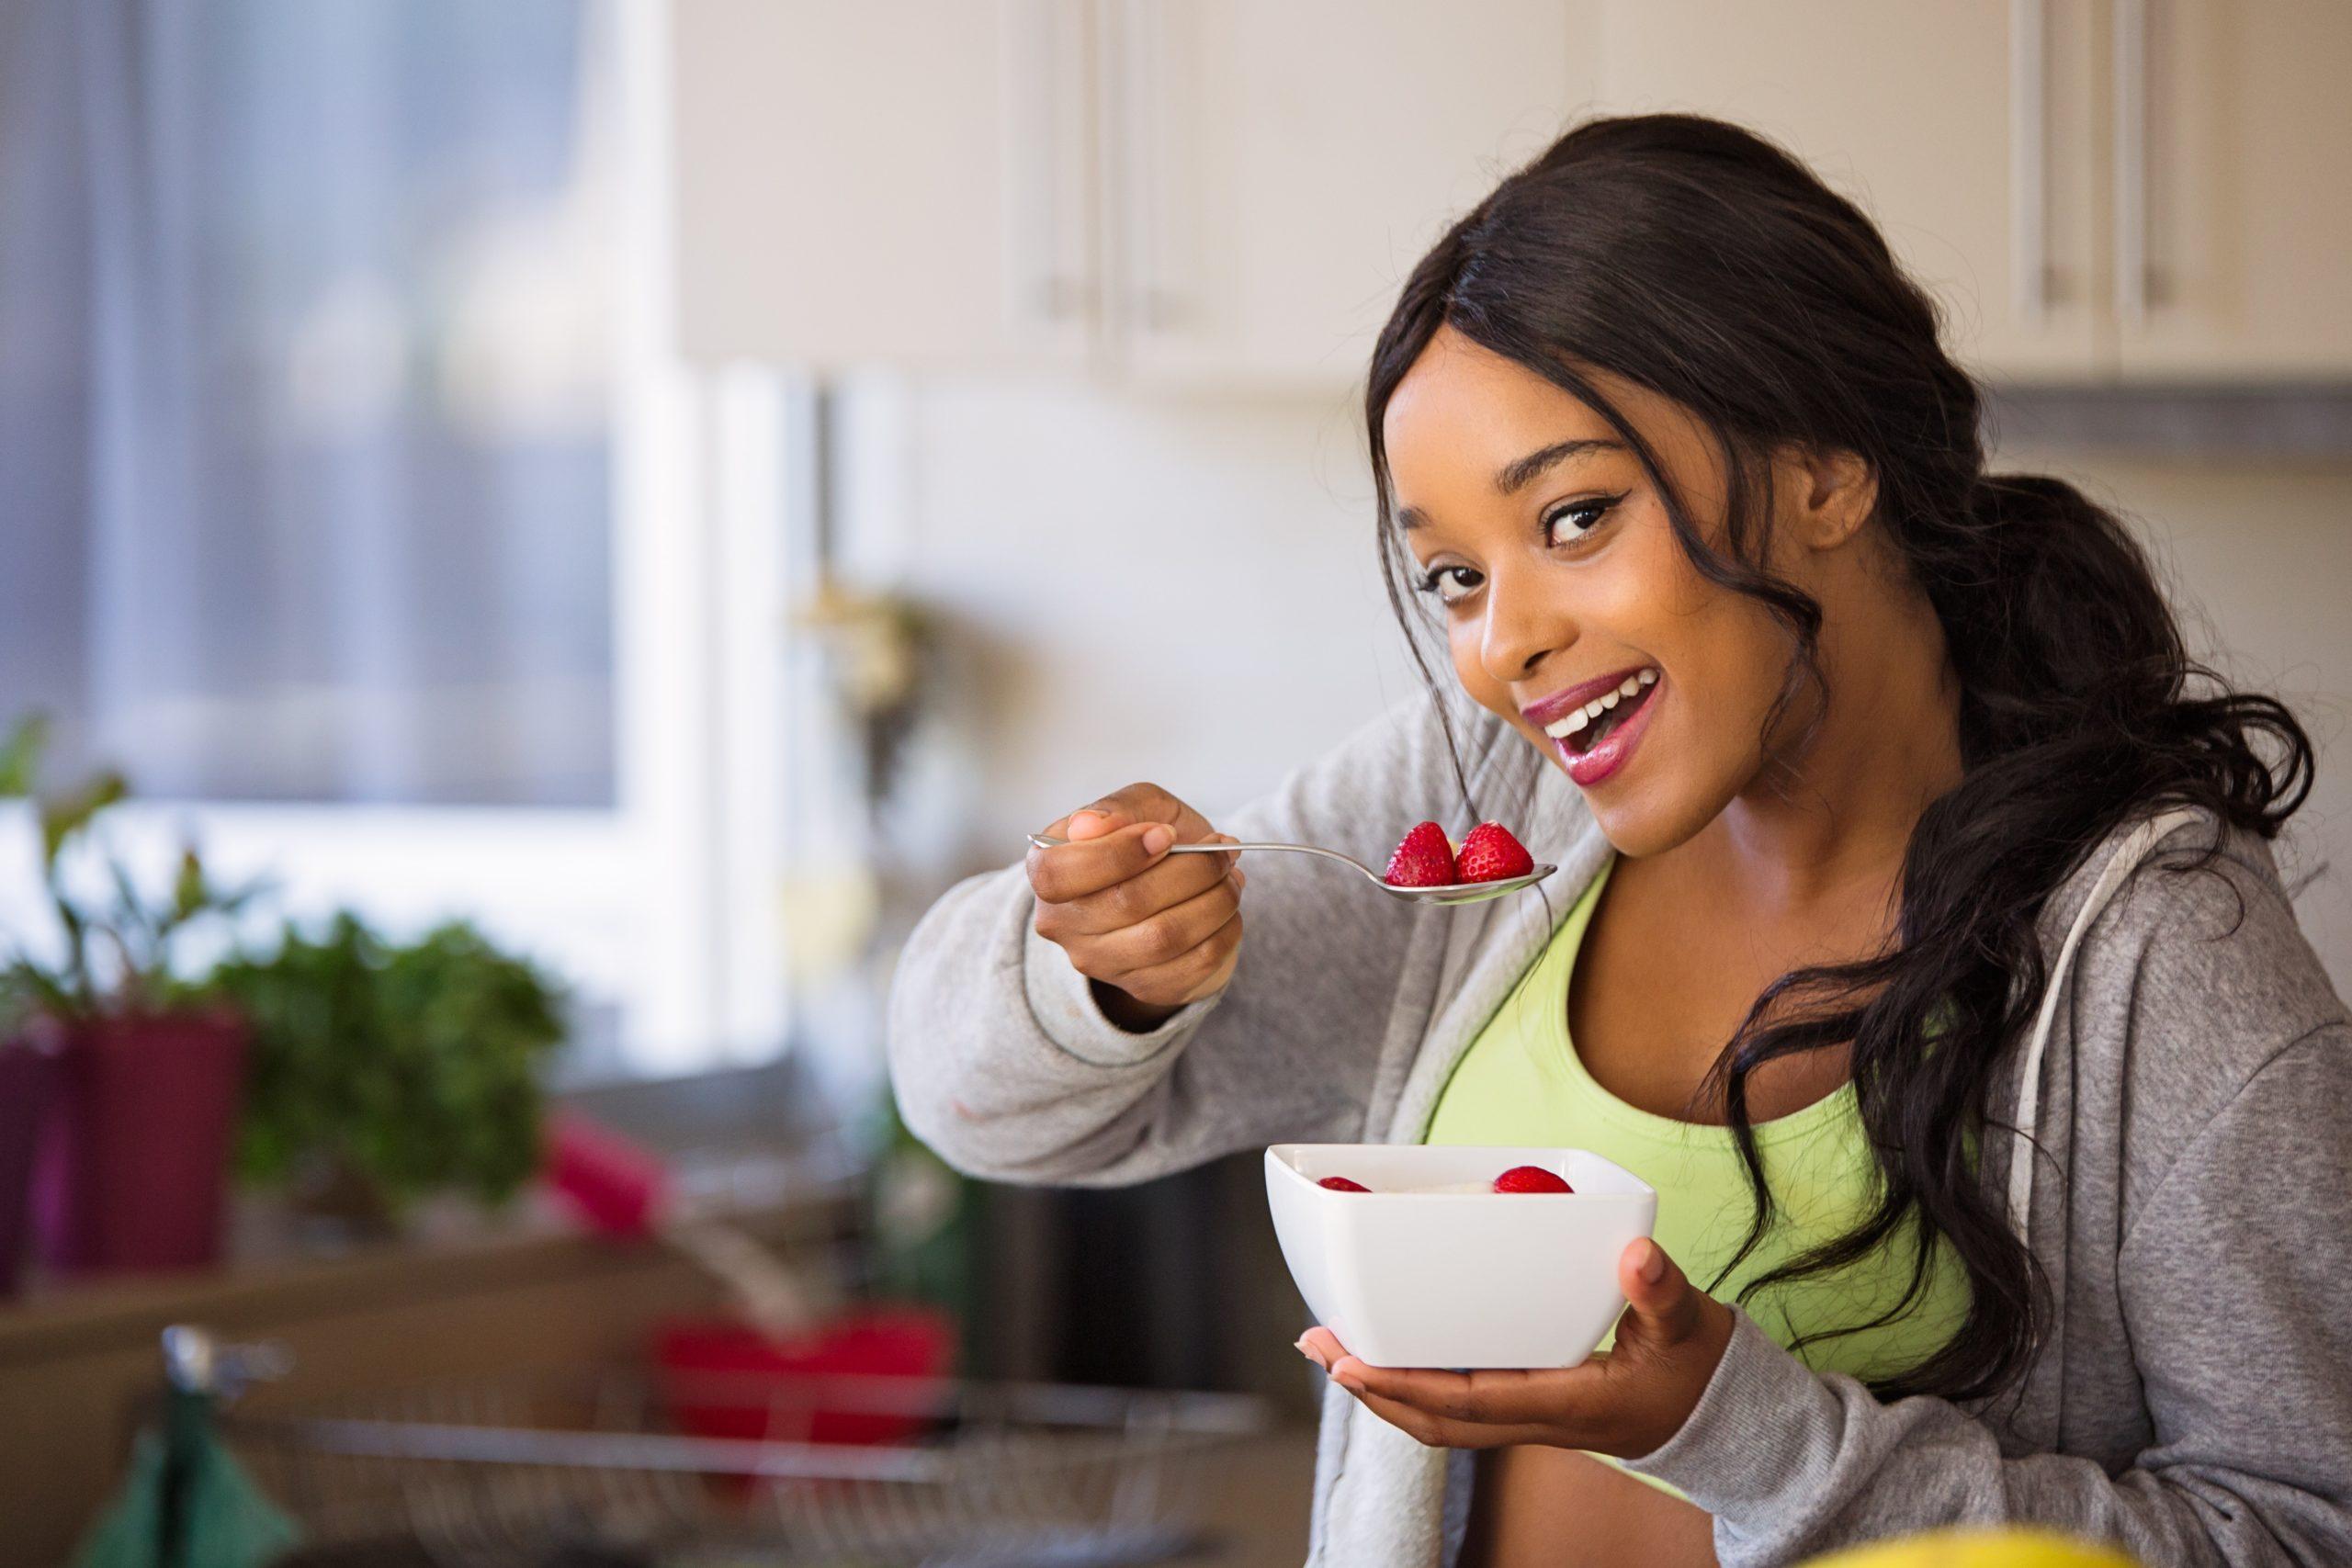 Débarrasse-toi facilement de l'excédent de sucre et de calories